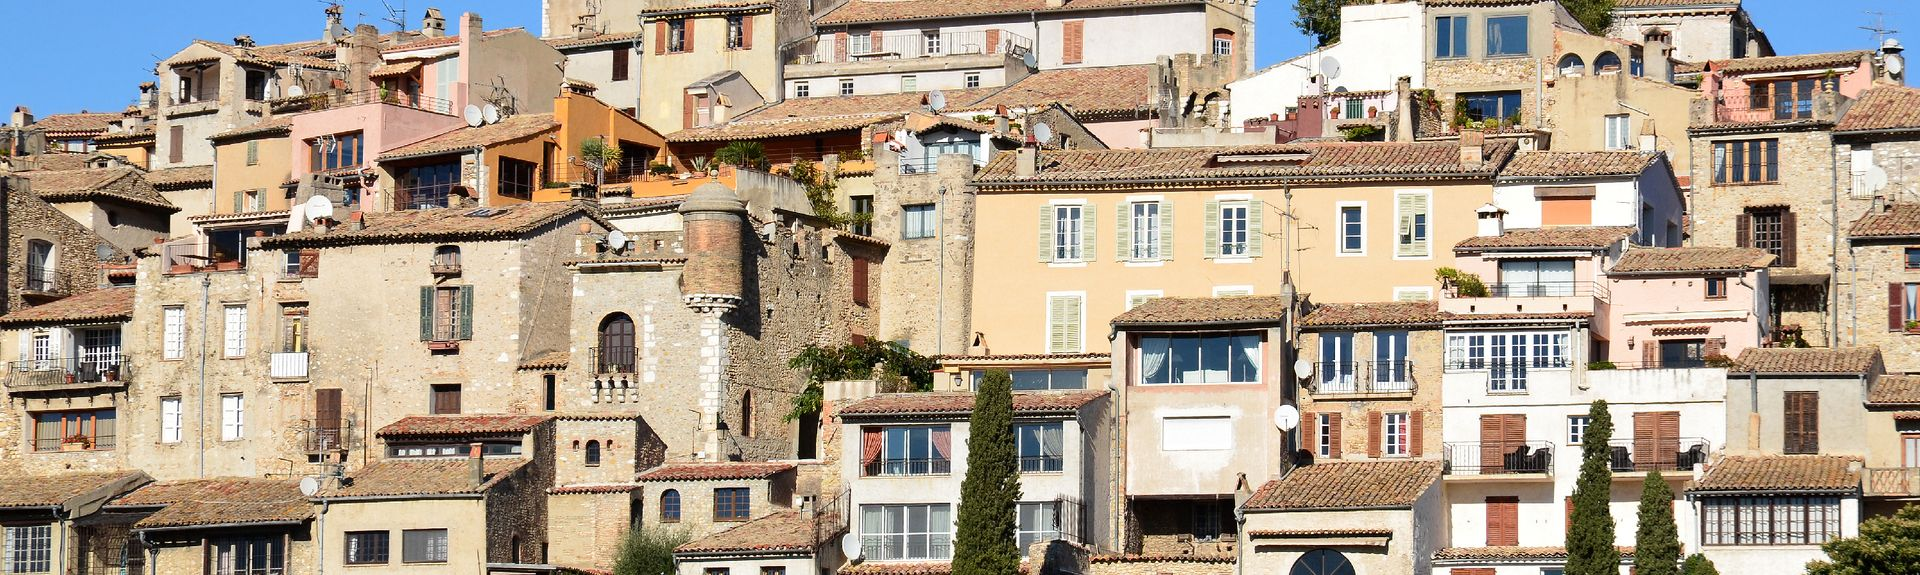 Cagnes-sur-Mer, PACA, France